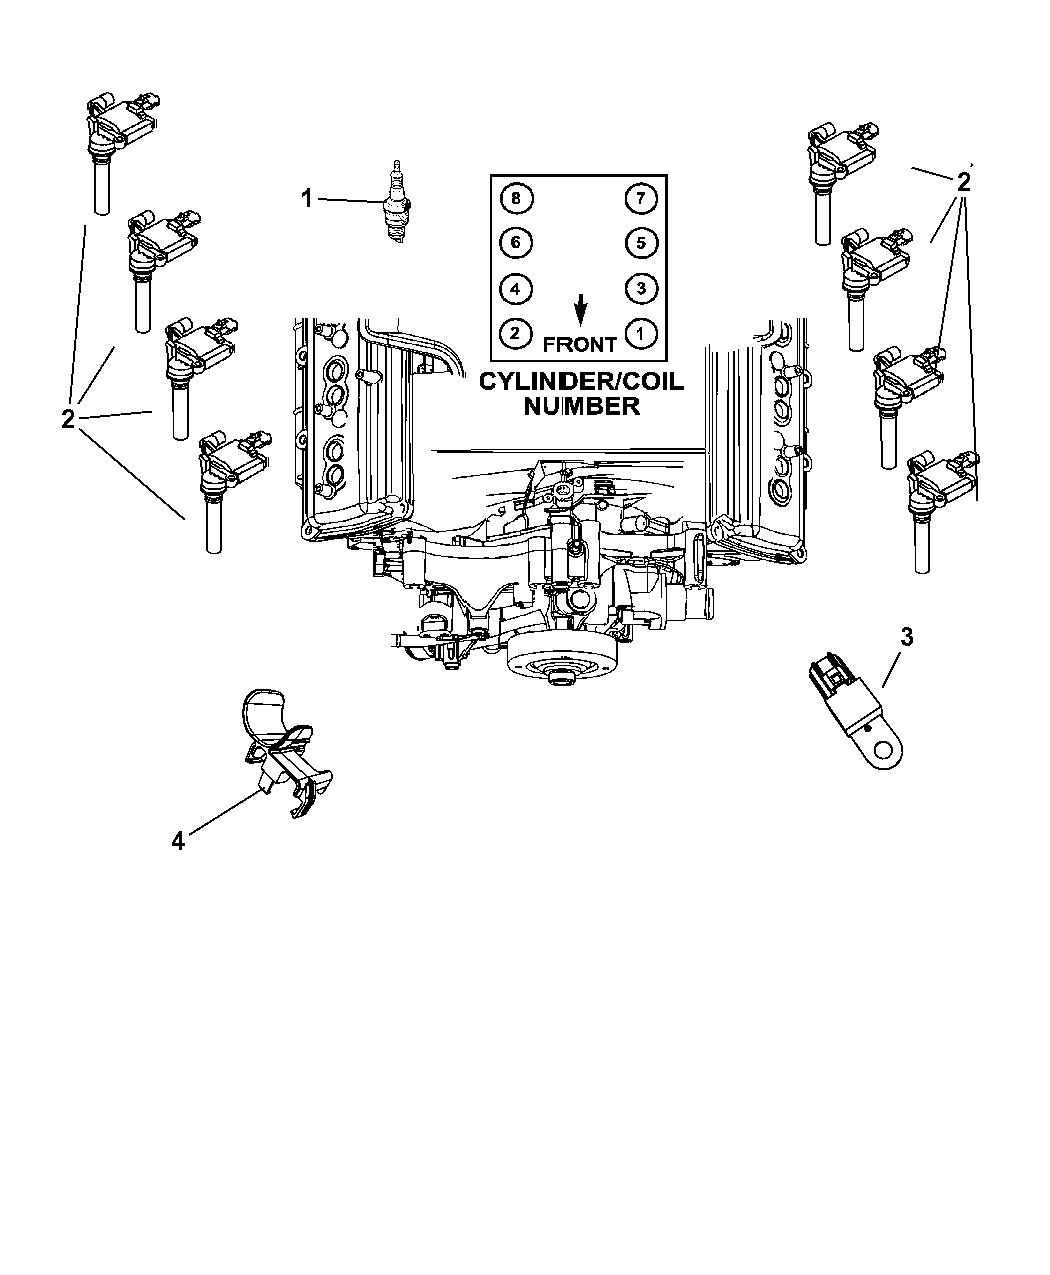 68060346aa  Ign